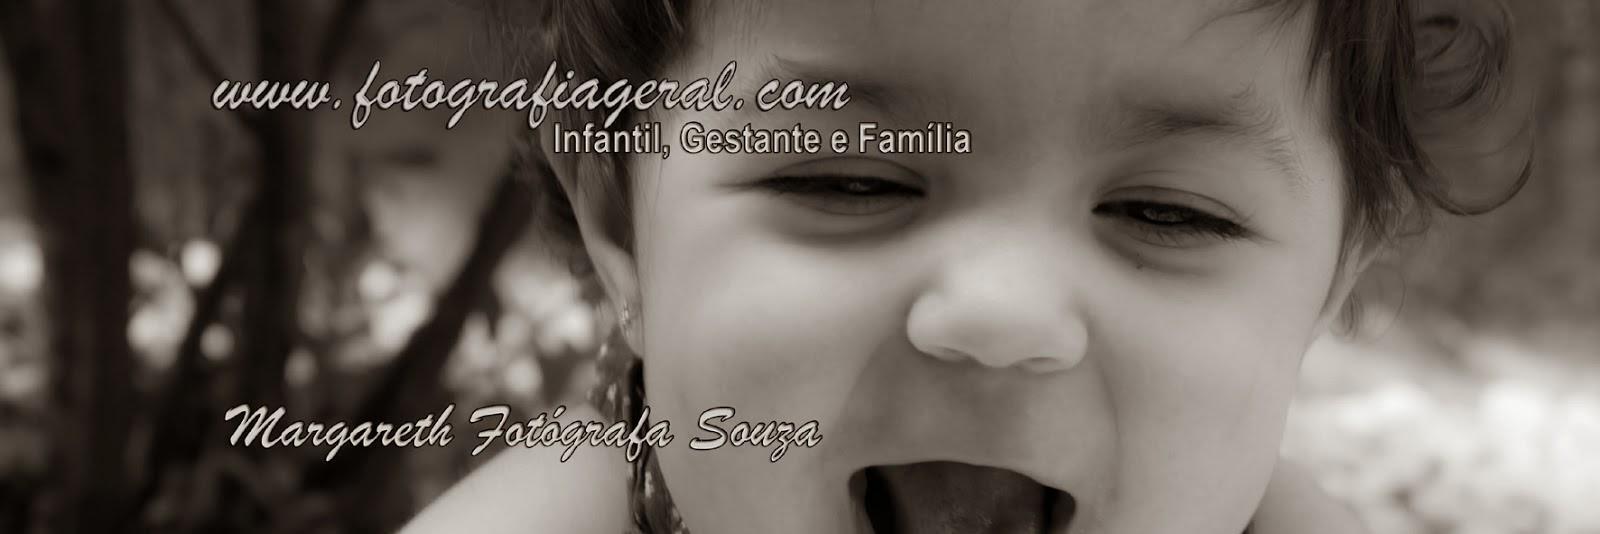 FOTOGRAFIAGERAL.COM